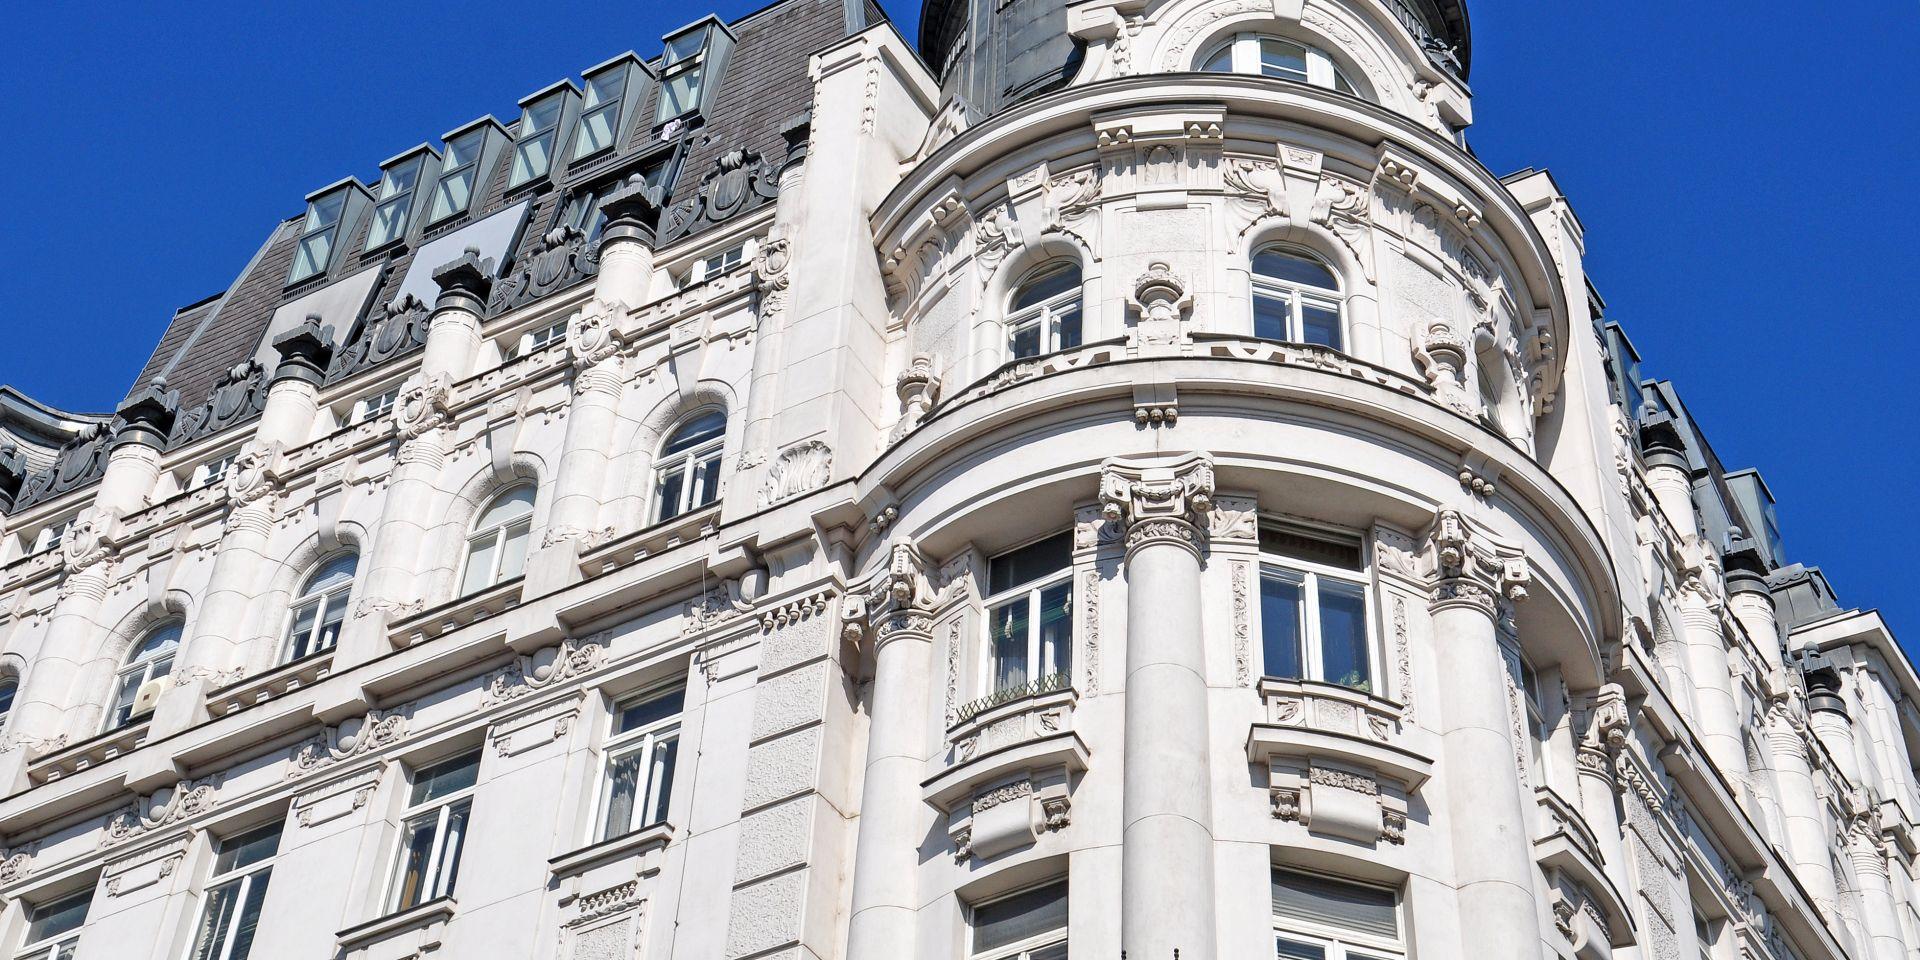 «Copropriété: pourquoi conseiller la surélévation de l'immeuble?», Sophie Droller-Bolela, juriste immobilier co-fondatrice d'Immo-formation.fr